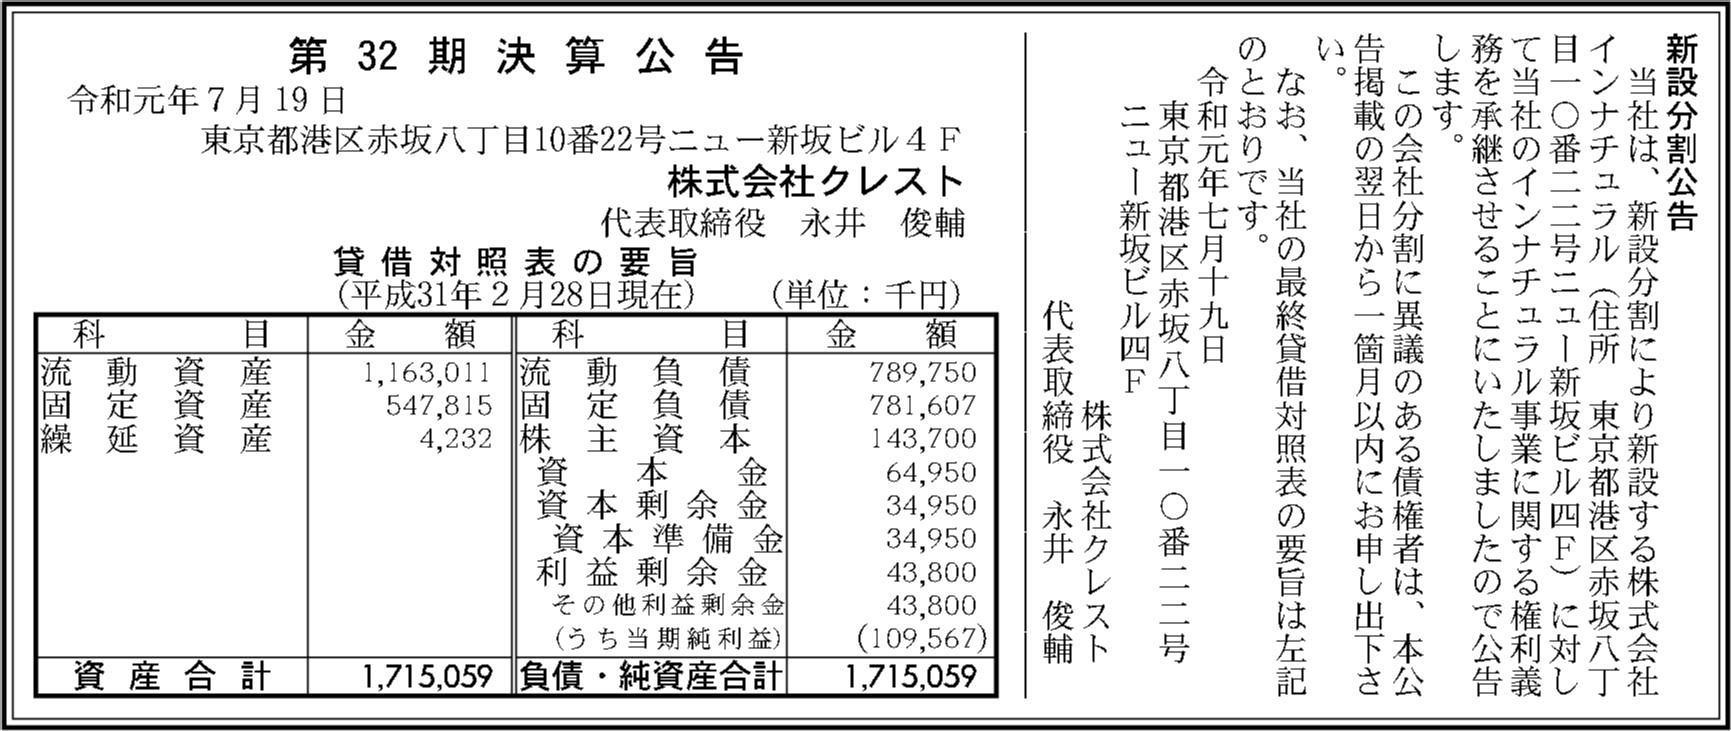 0150 cf25104db89f55fe5b657189673c58696dda35a6edd5ebb930597ef7ae7e2d95c0e1f8bfcf2c11ac2ccdf72d8ed814d609006439ebc70ac68f97e46c2784128e 02